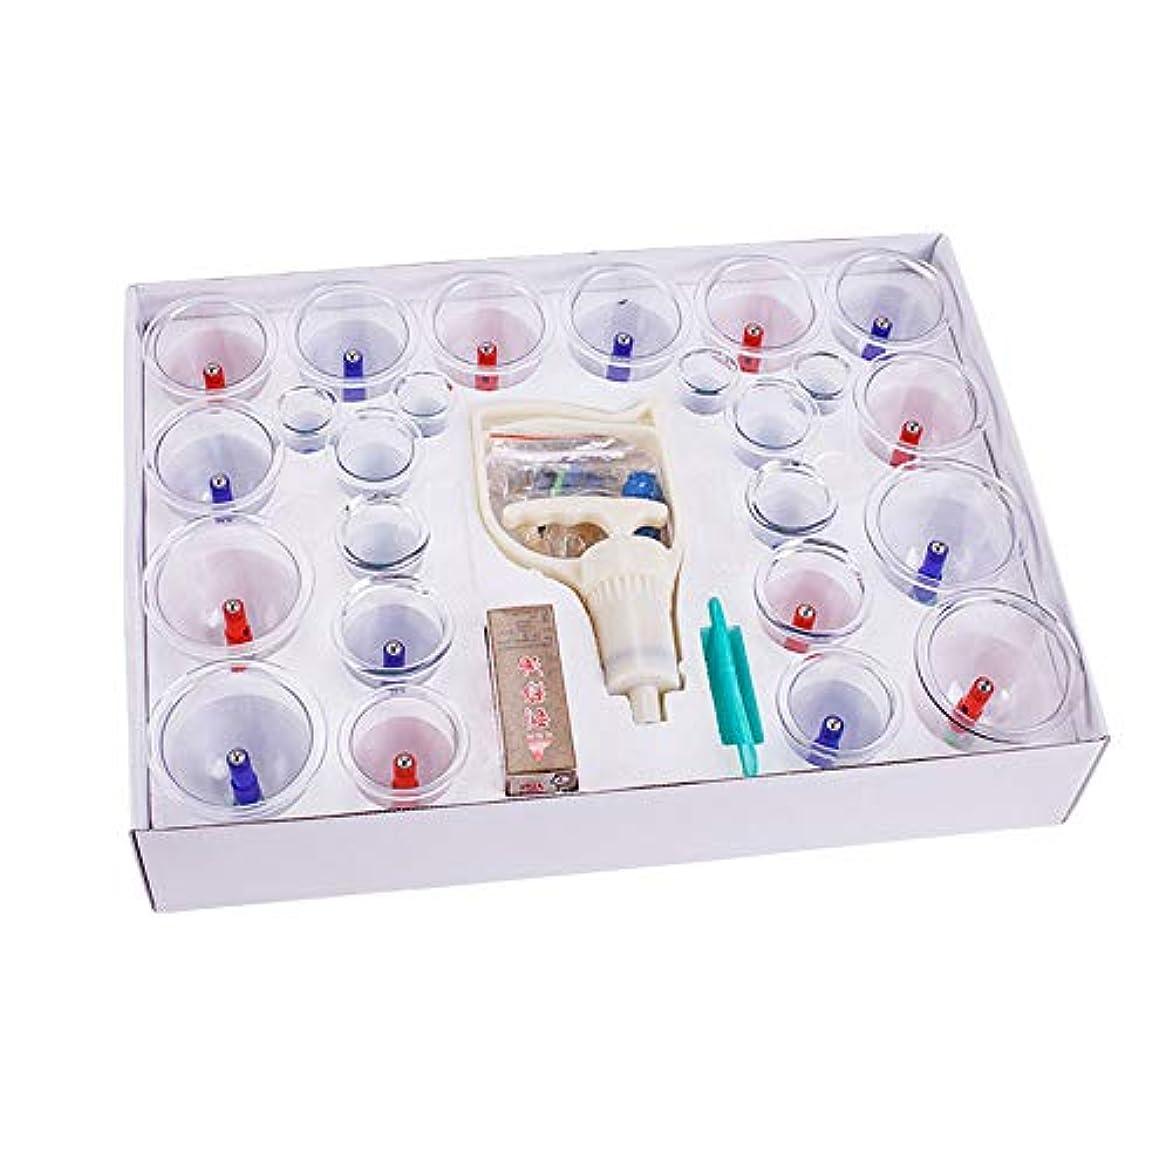 応じる下るゼロJia He 漢方療法 カッピング装置 - 専門のカッピング治療装置24カップは、大人と高齢者に適したポンプと伸展チューブで設定 ##